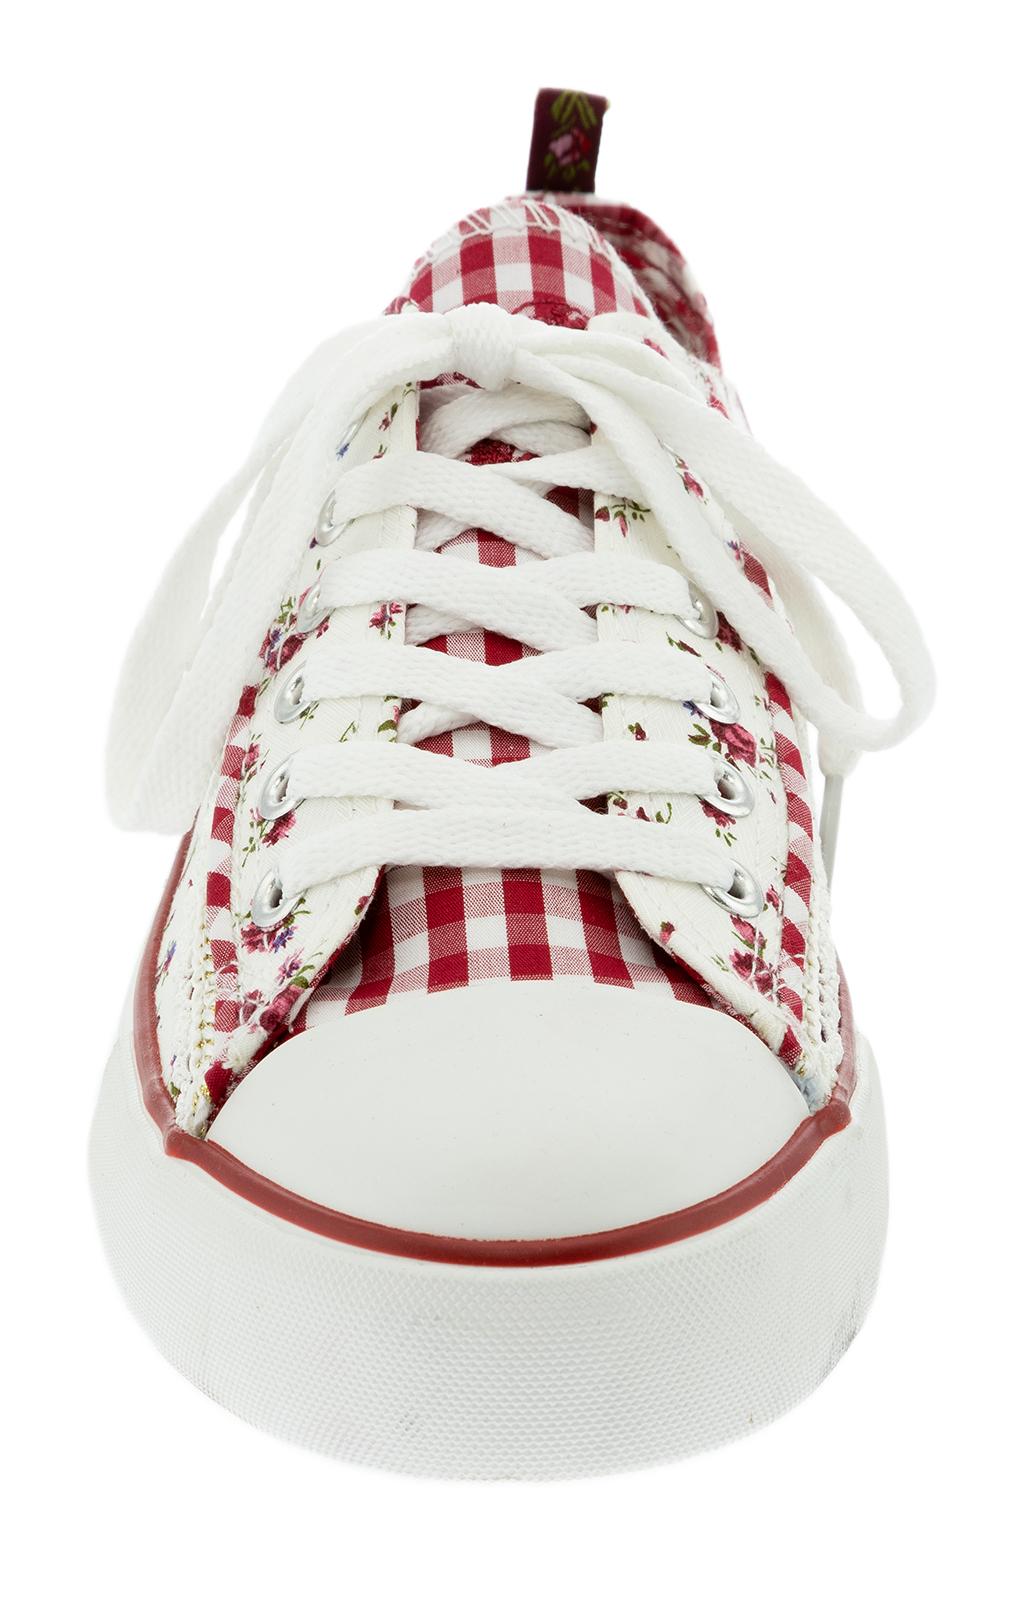 weitere Bilder von Trachten shoe 4161-209 beige red